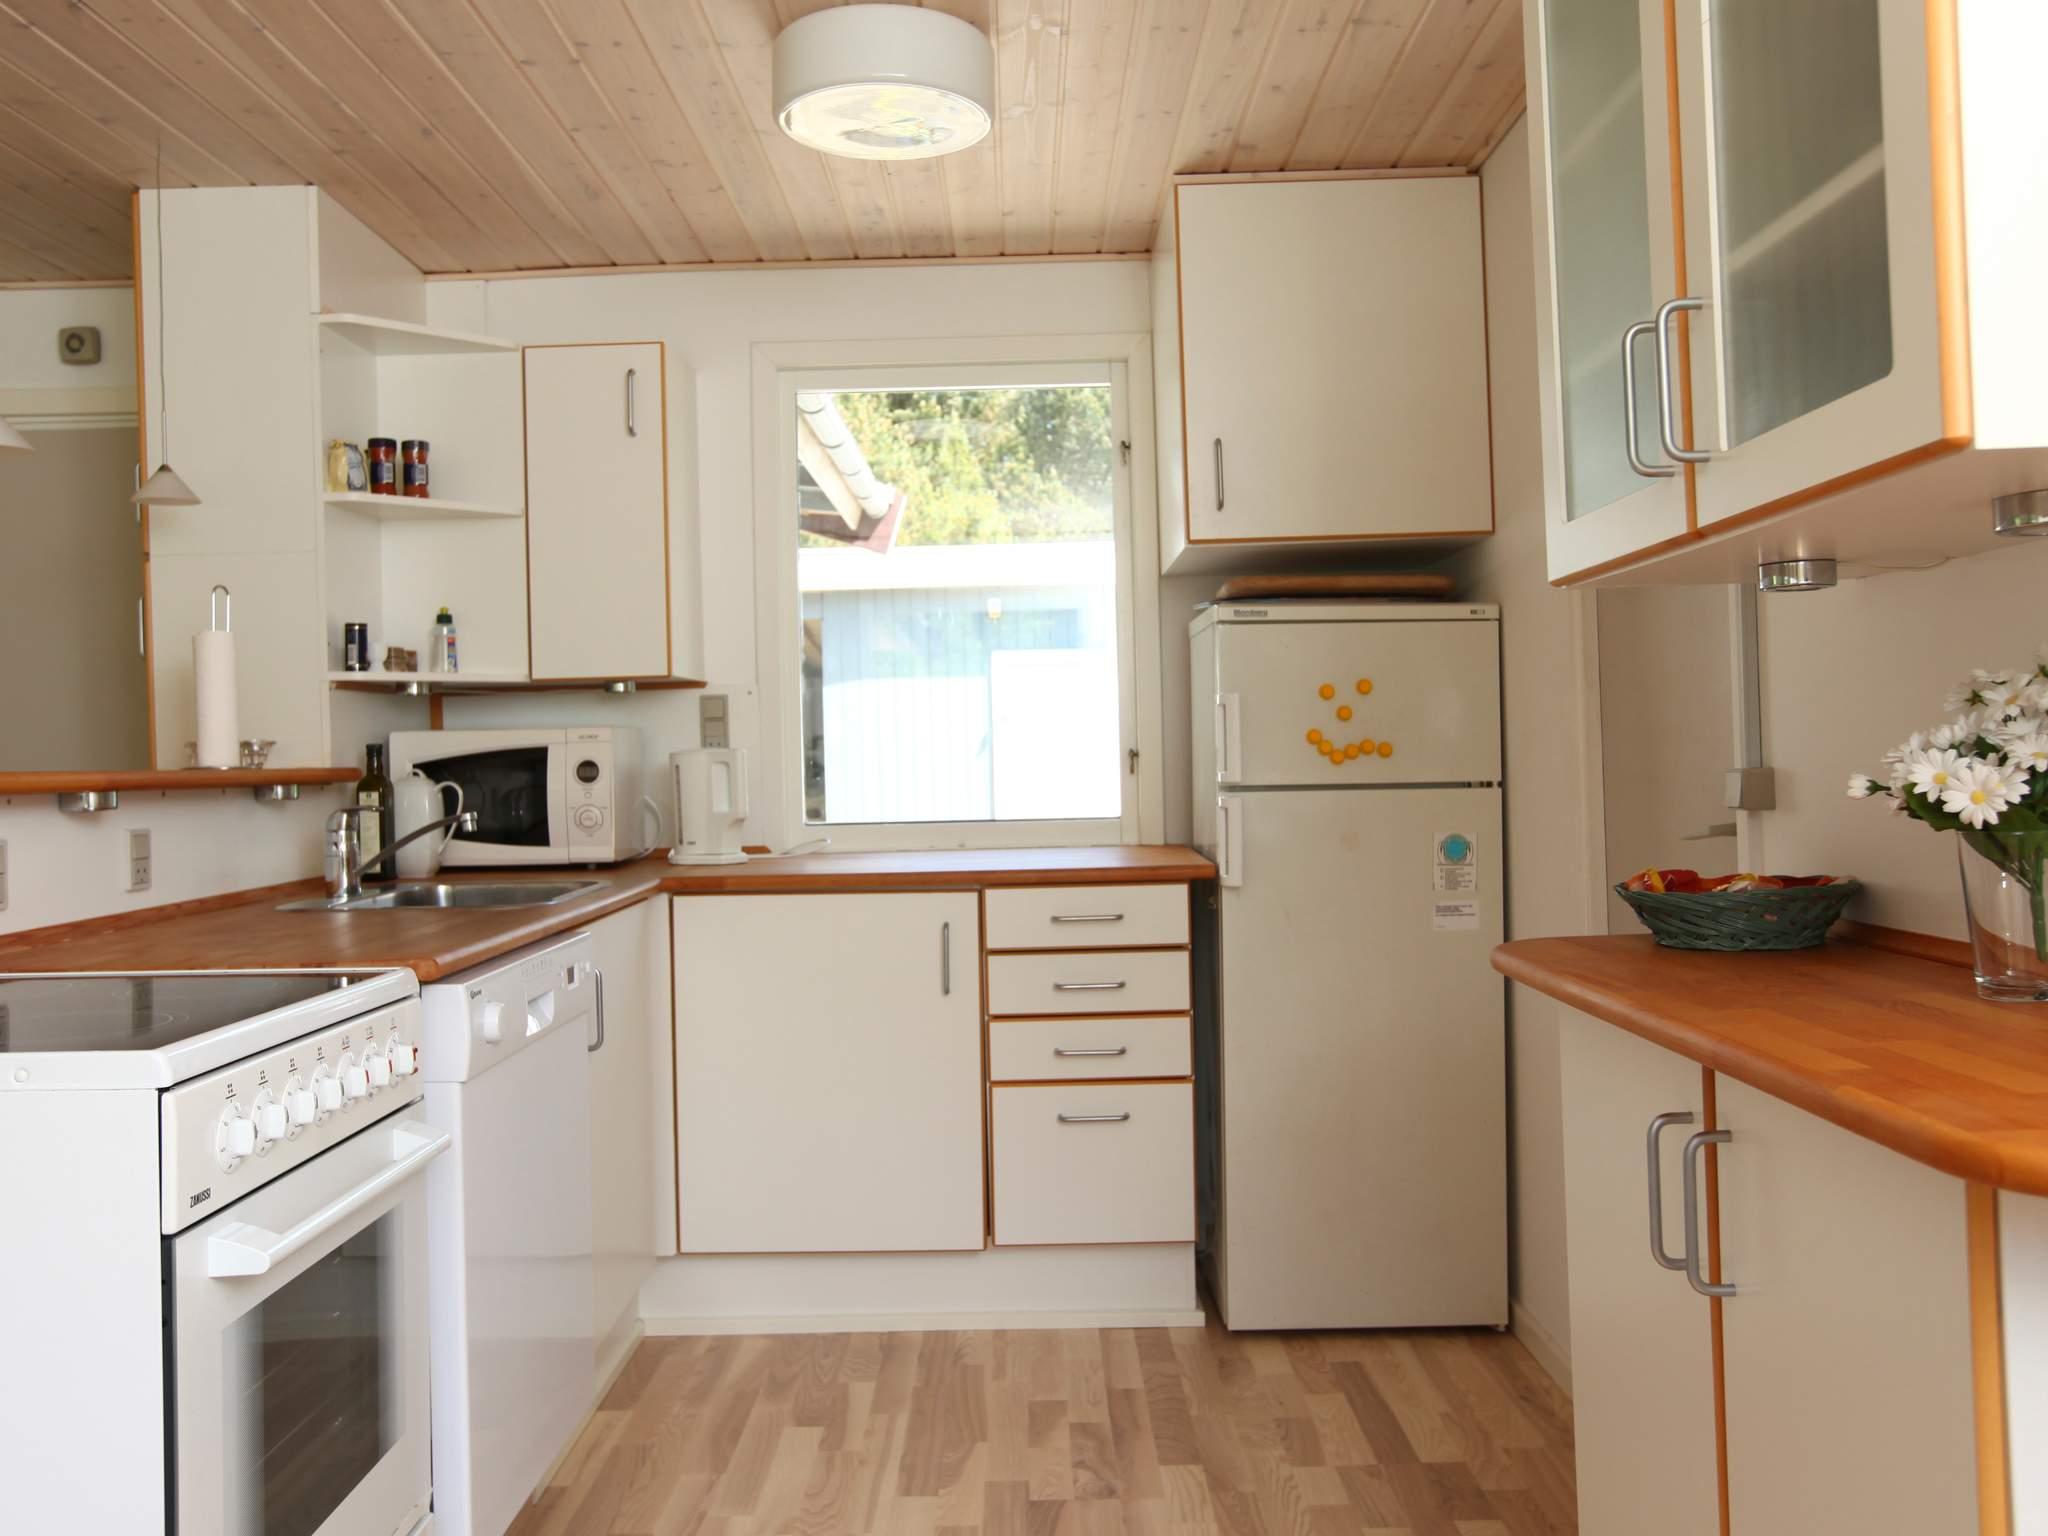 Ferienhaus Hummingen (89267), Hummingen, , Lolland, Dänemark, Bild 2